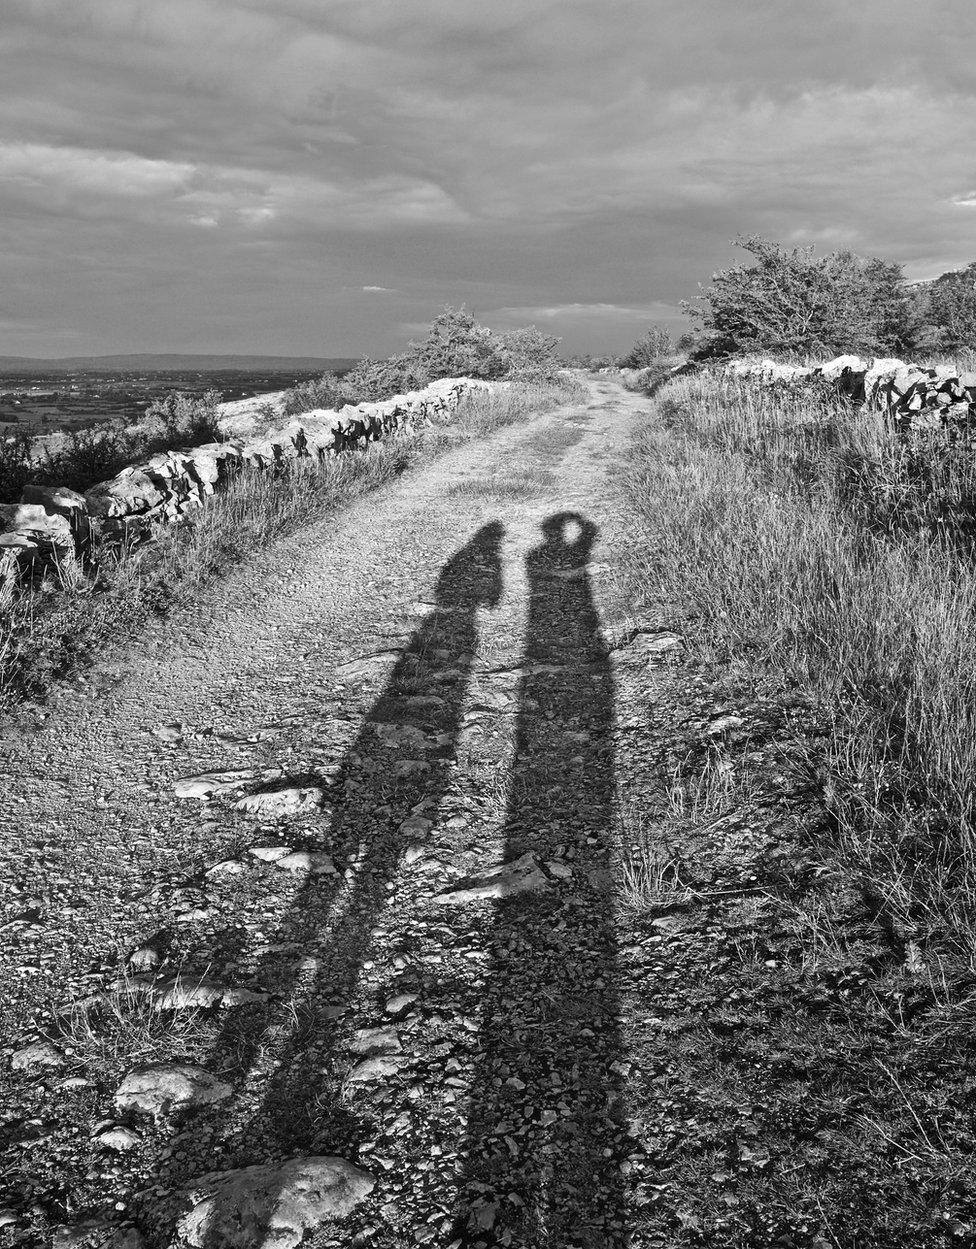 Shadows on a path